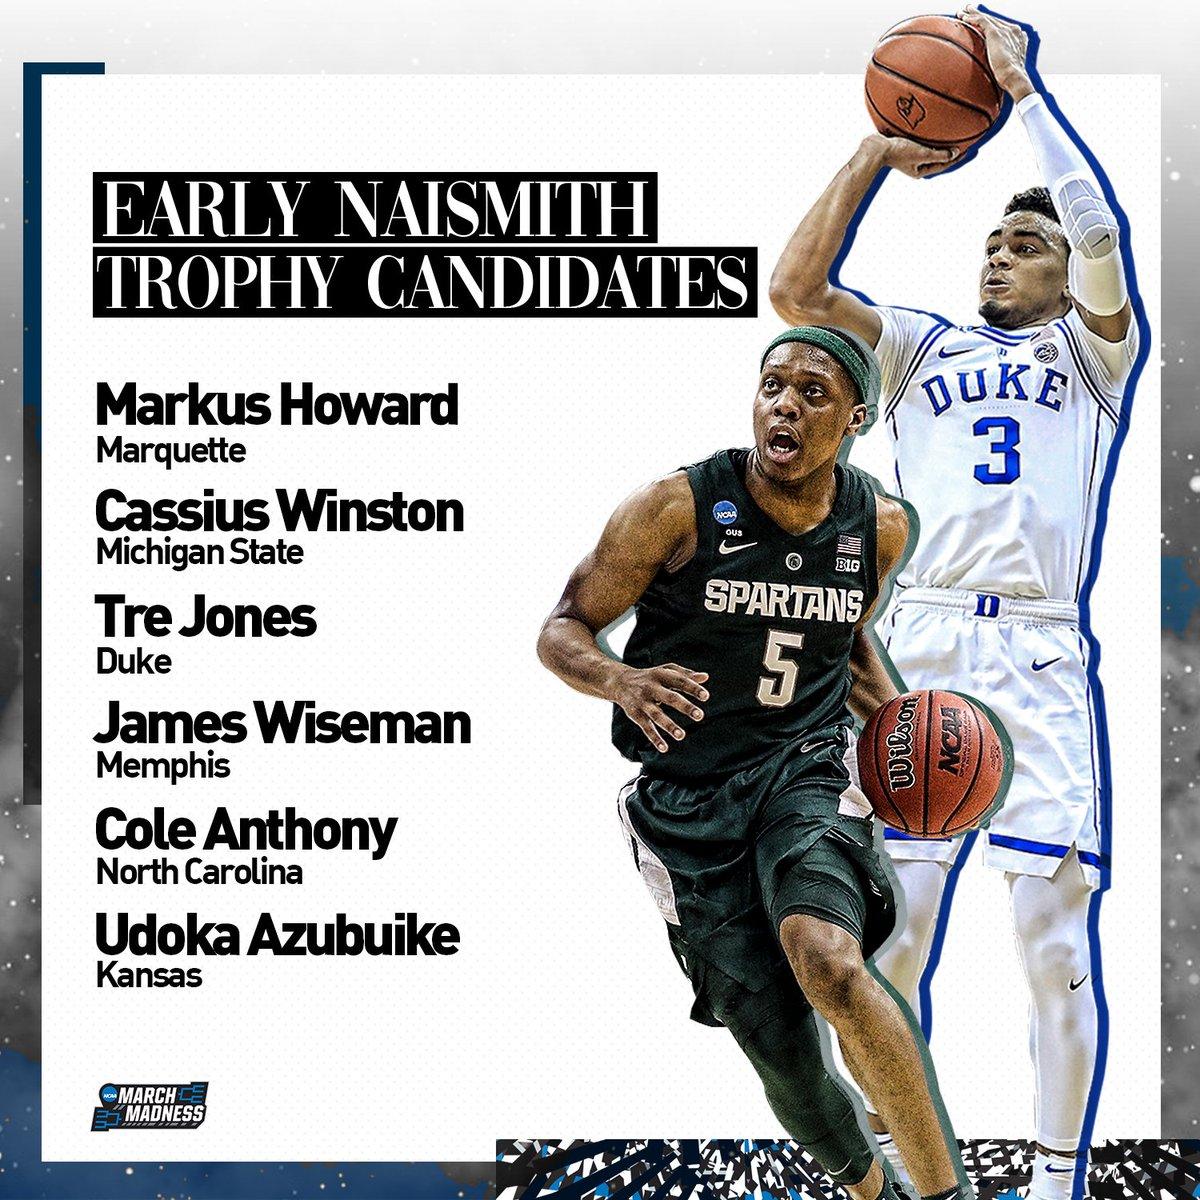 Early candidates for the 2020 Naismith Trophy:  Markus Howard Cassius Winston Tre Jones James Wiseman Cole Anthony Udoka Azubuike